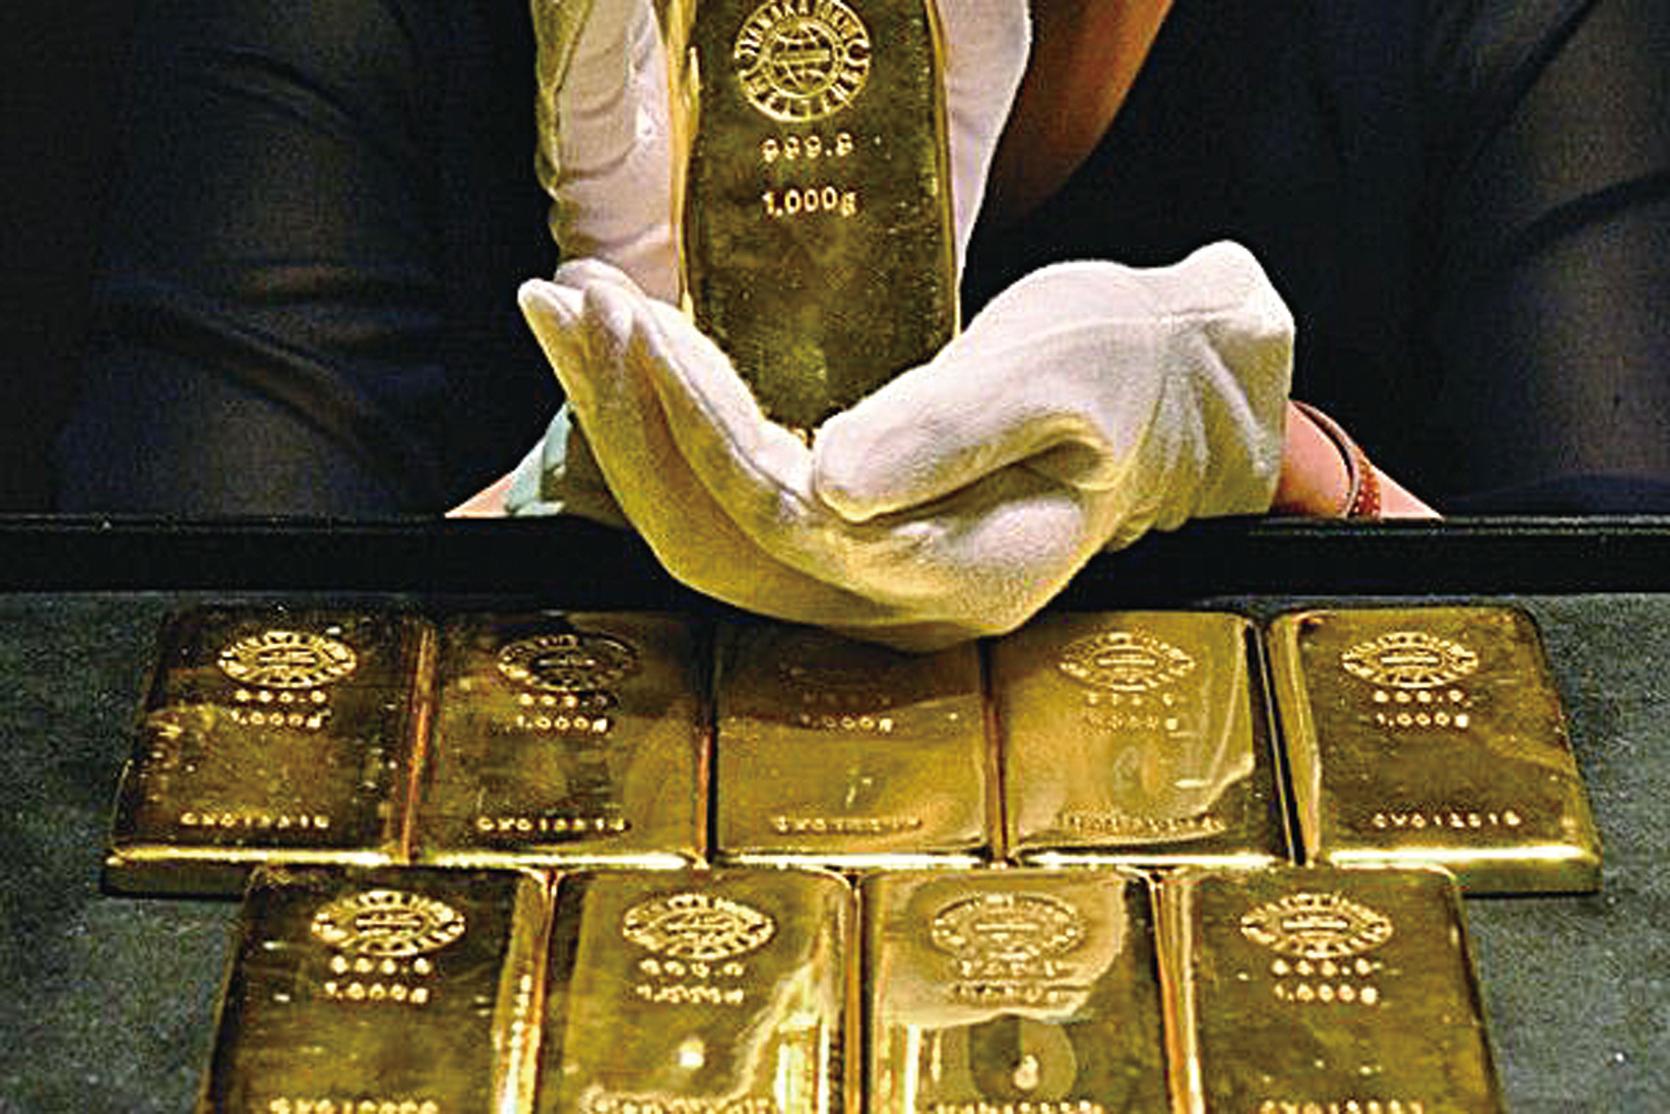 香港流入大陸黃金量新高